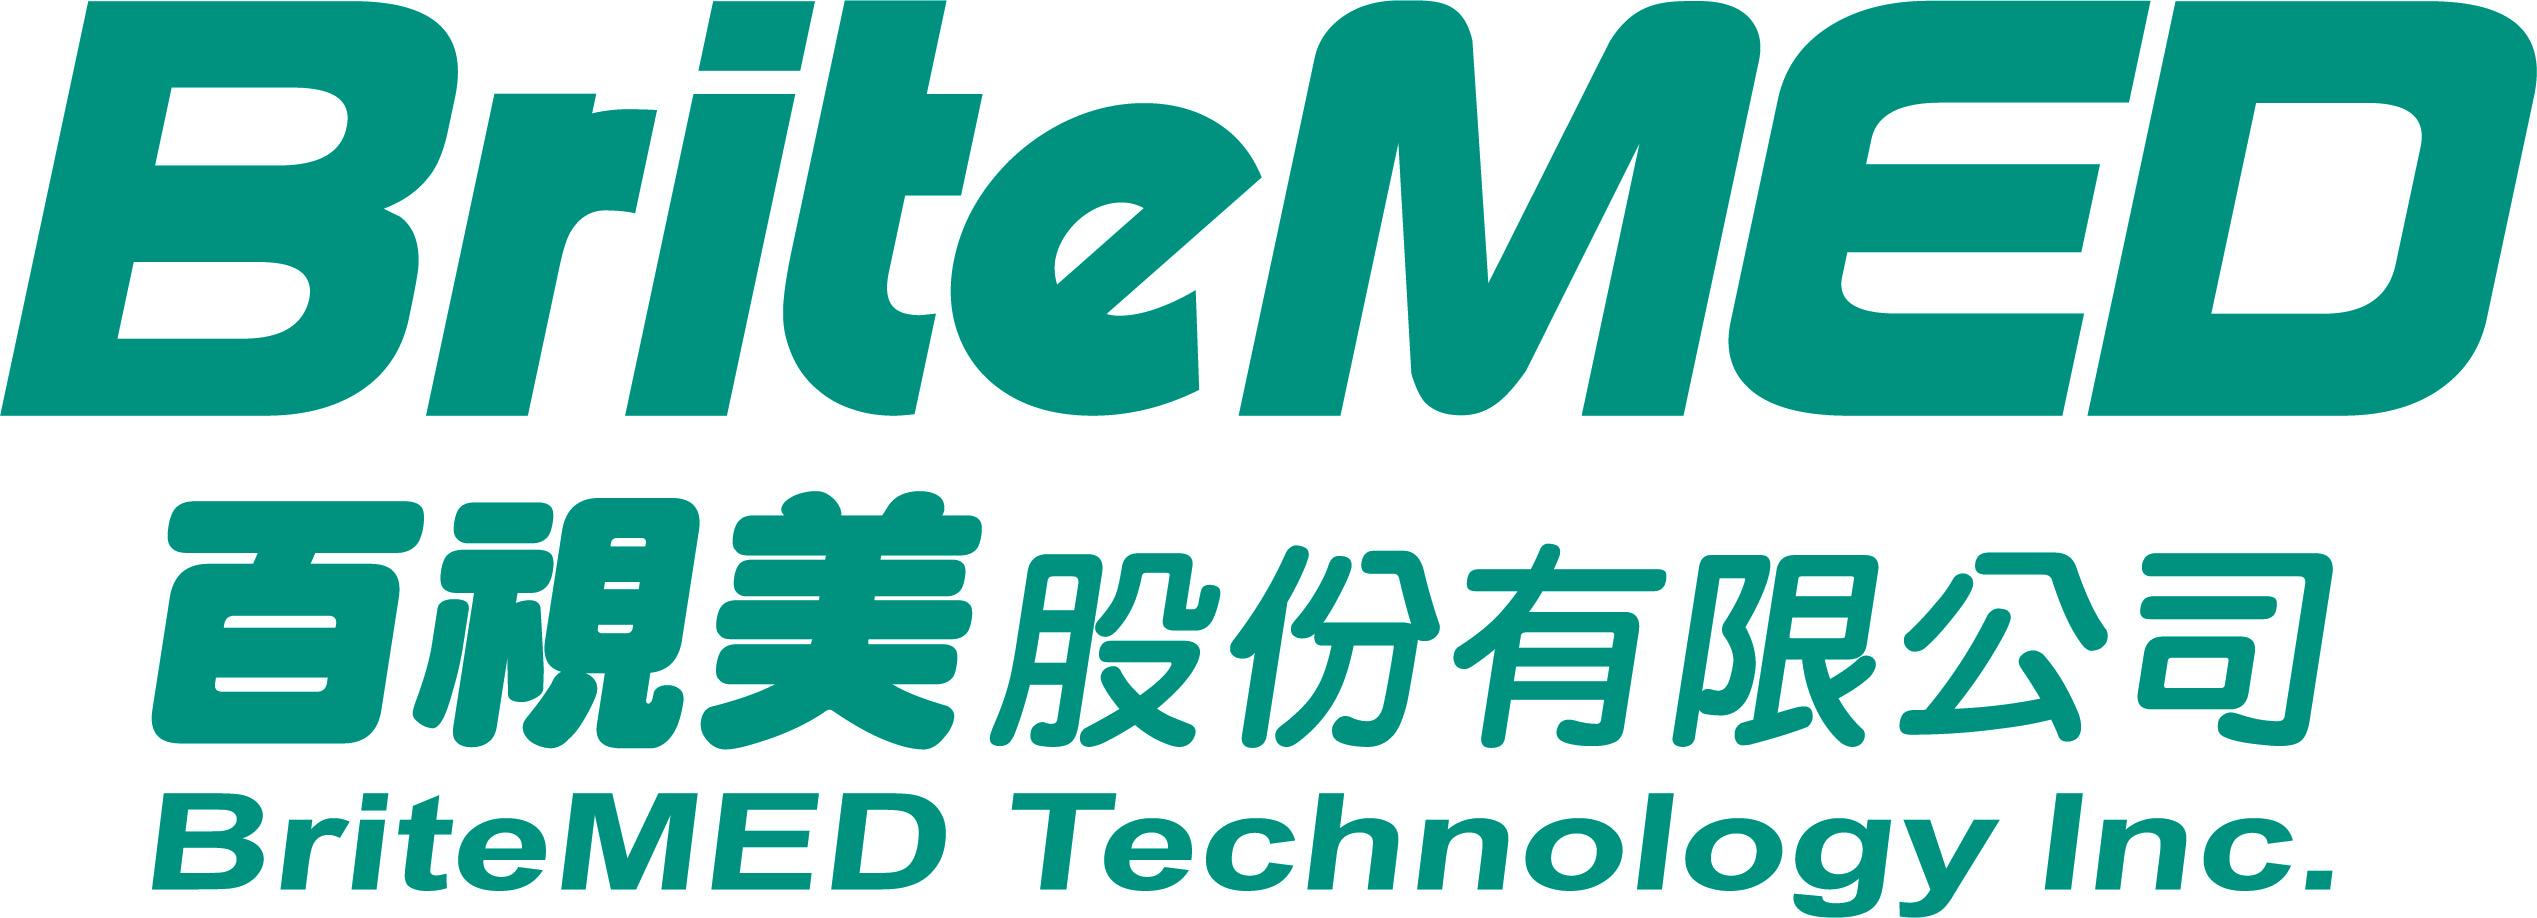 百視美股份有限公司-Logo